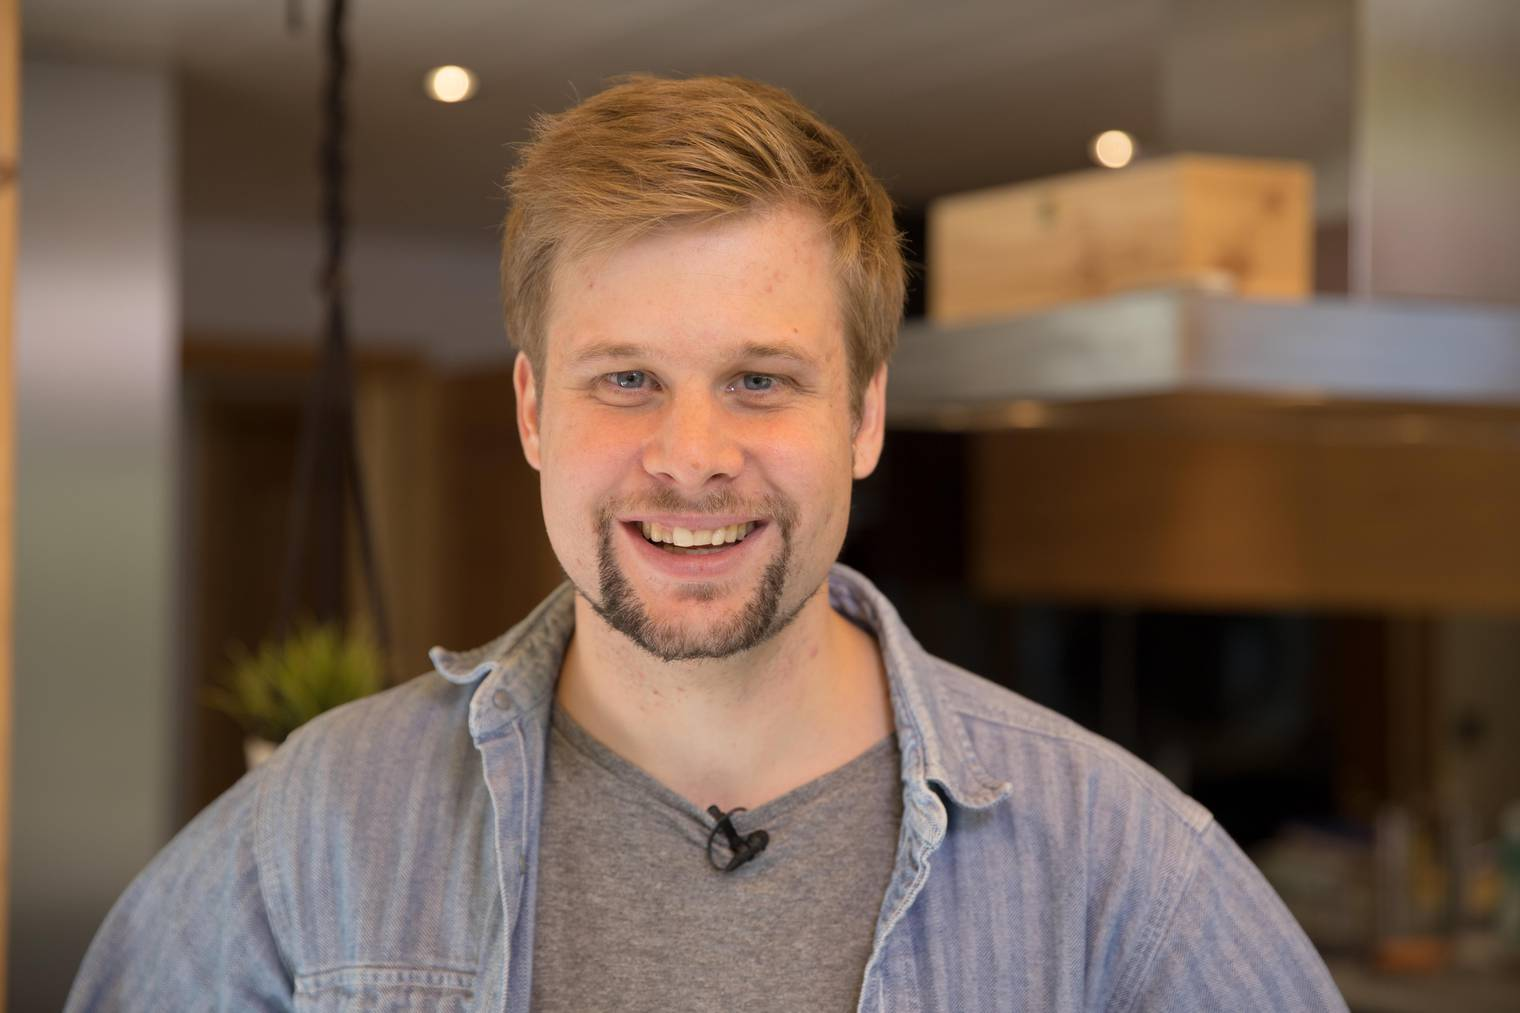 Danny ist 28 und arbeitet als Unternehmensentwickler in einer Produktionsfirma für Dämmstoffe.